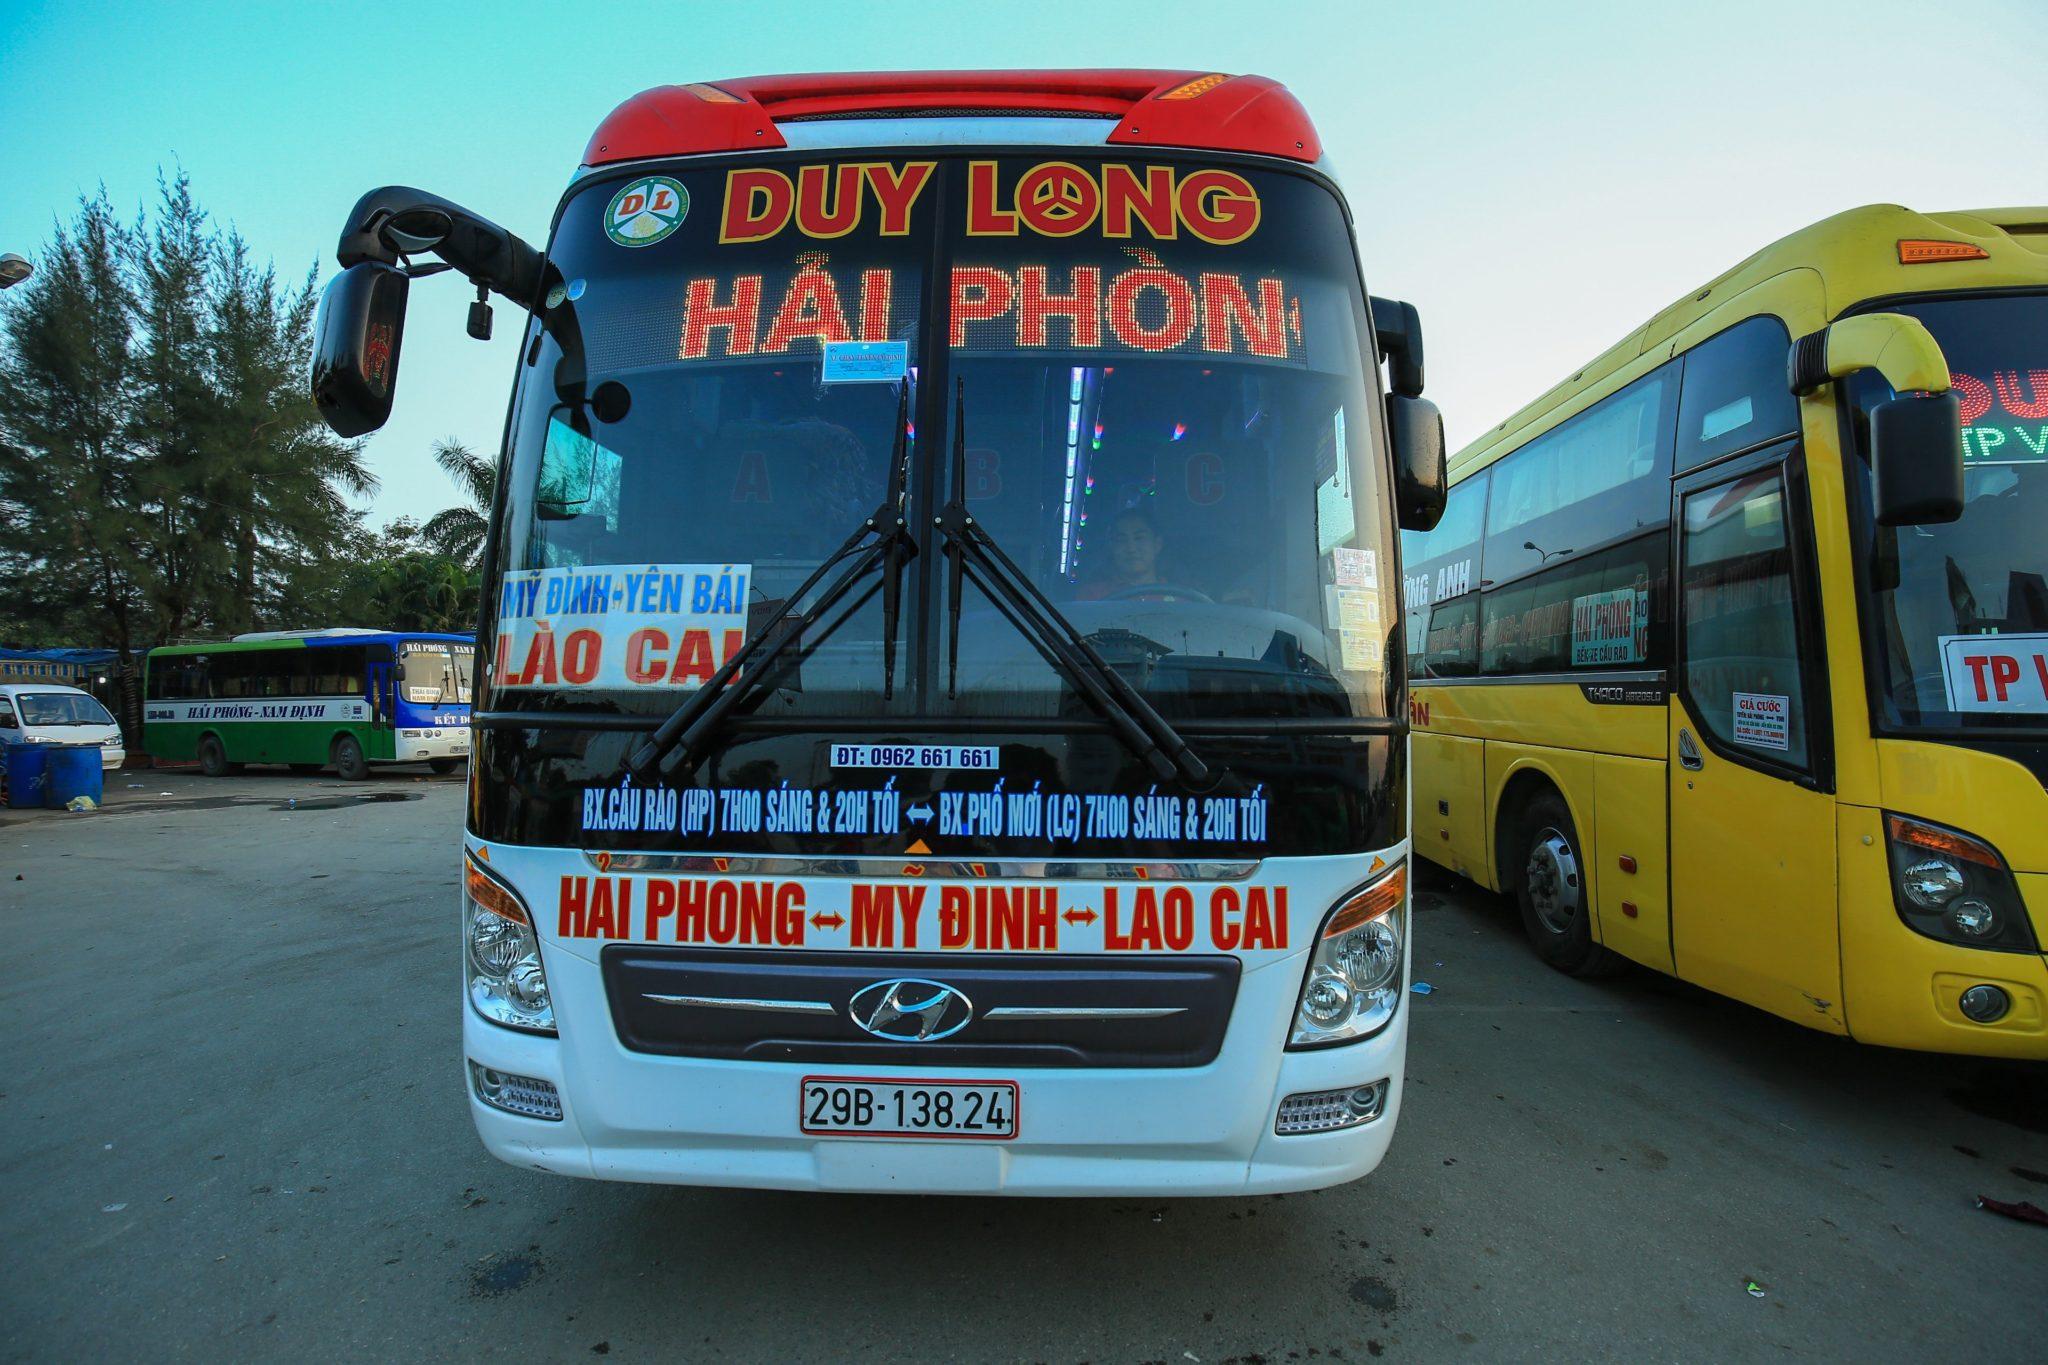 Bus CÁT BÀ HẢI PHÒNG HÀ NỘI LÀO CAI SAPA